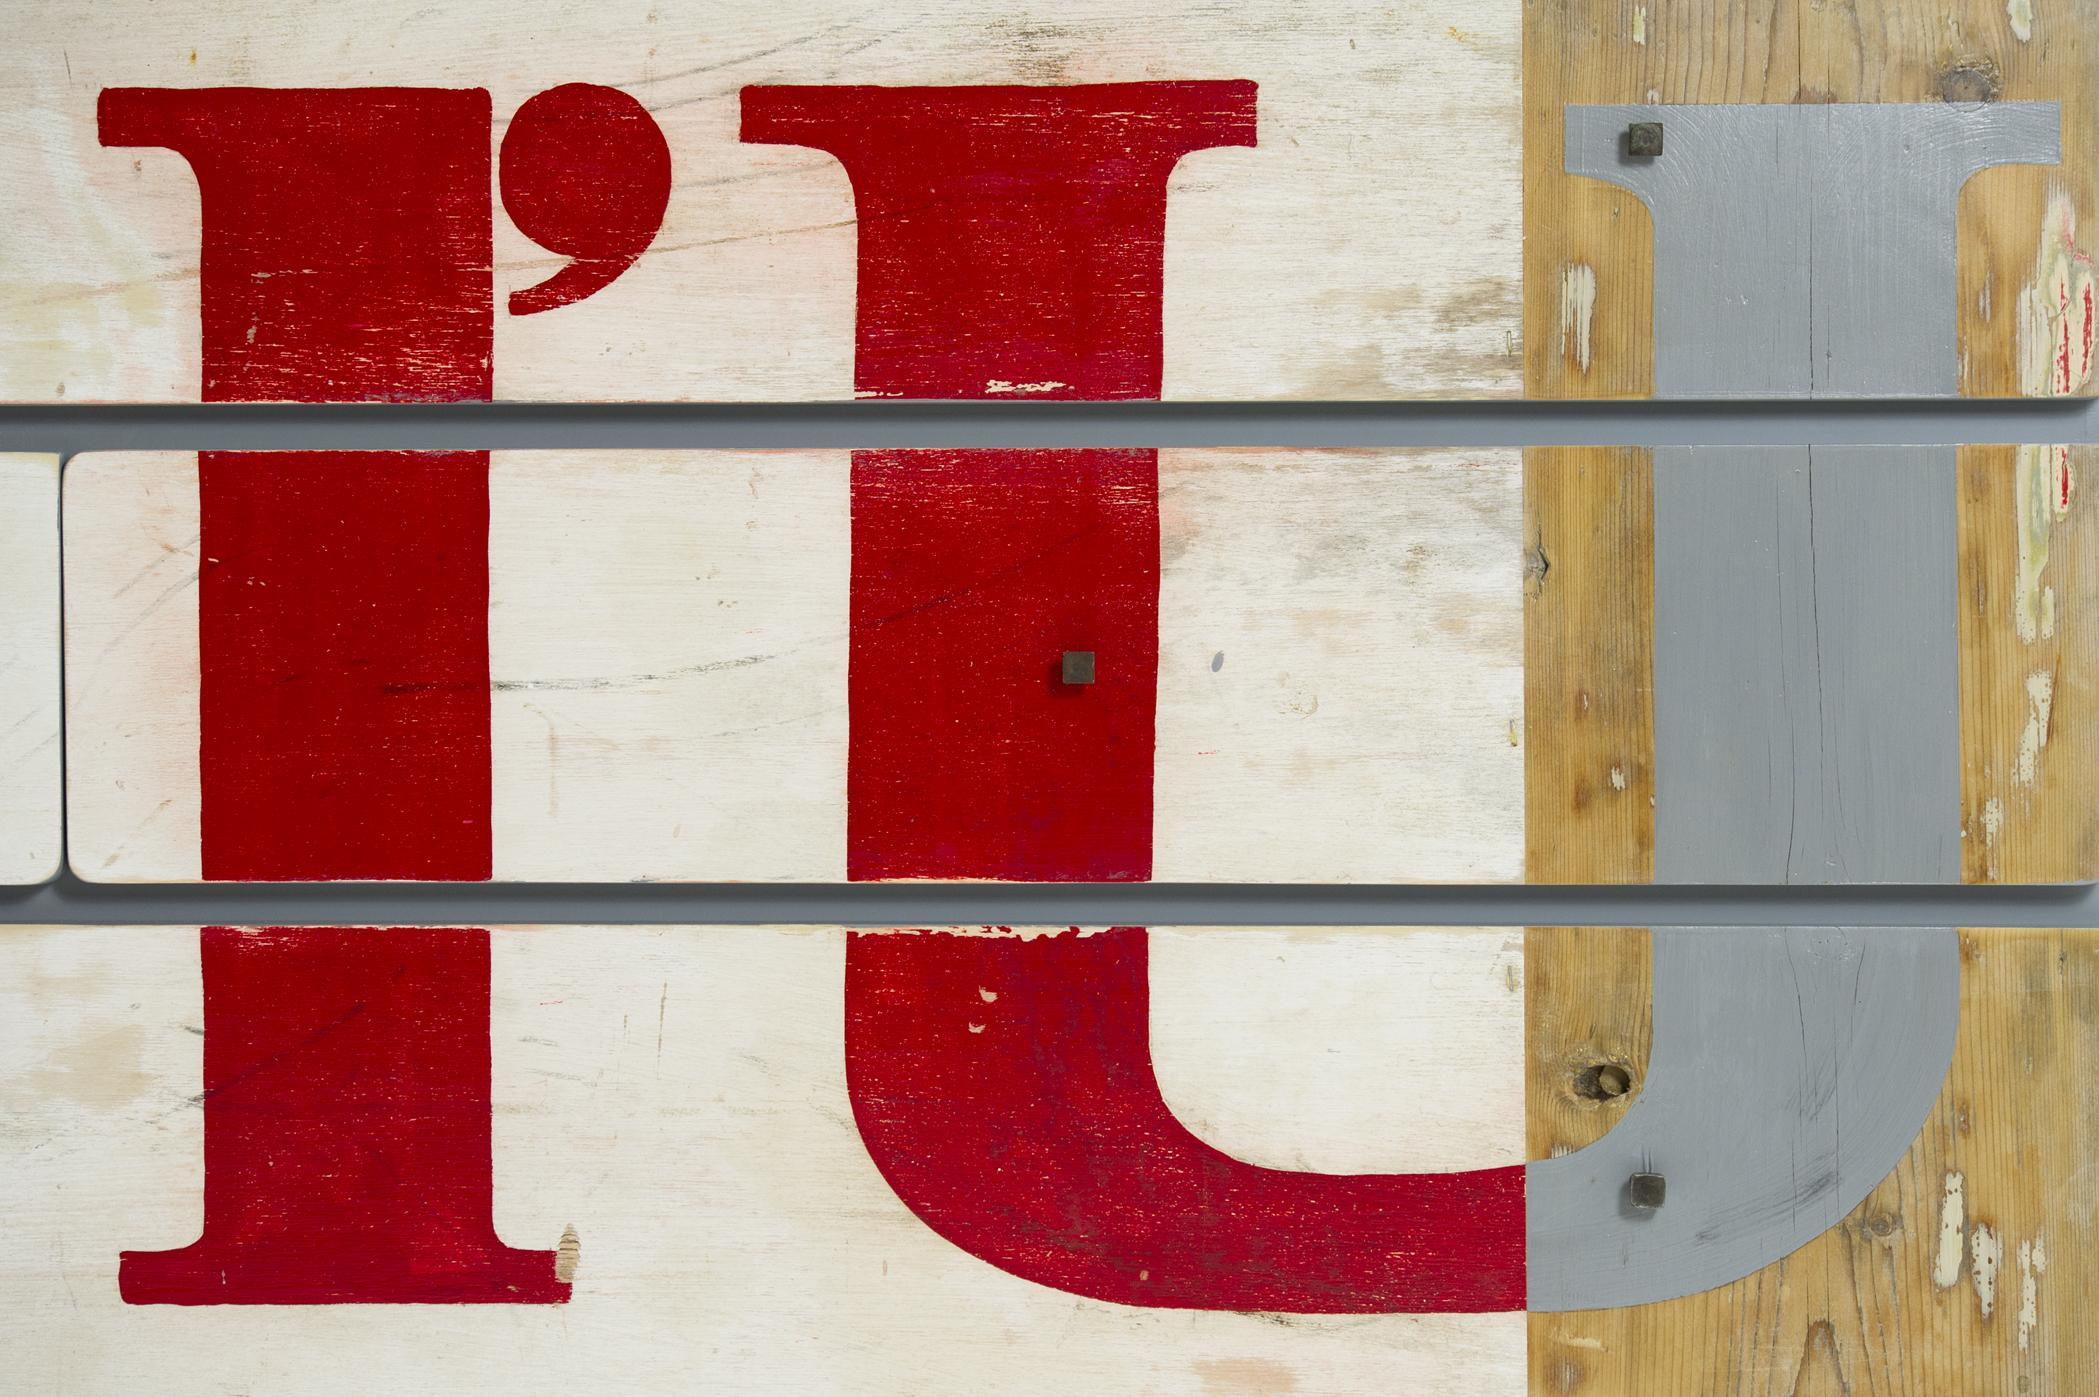 Cassettiera con tre cassetti dipinti a mano. Illustrazione fatta a pennello color rosso. Struttura cassettiera grigio